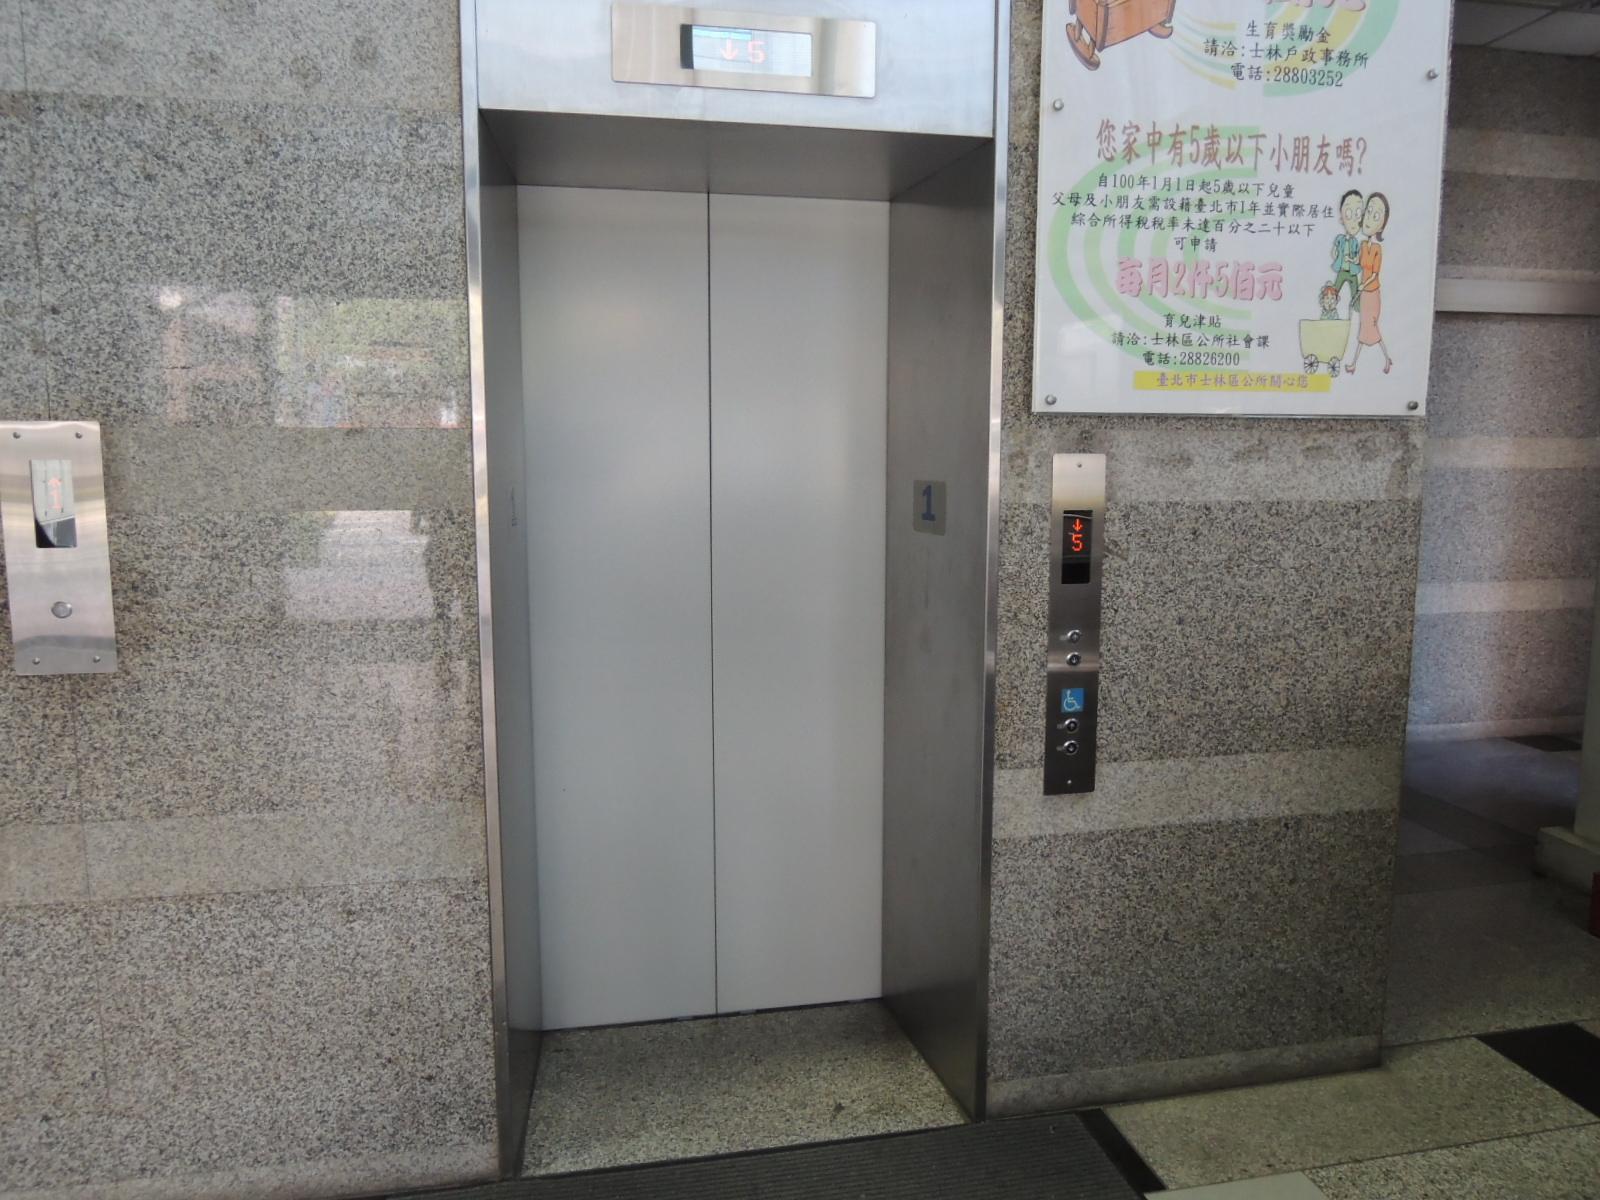 臺北市士林區行政中心「正門」無障礙電梯